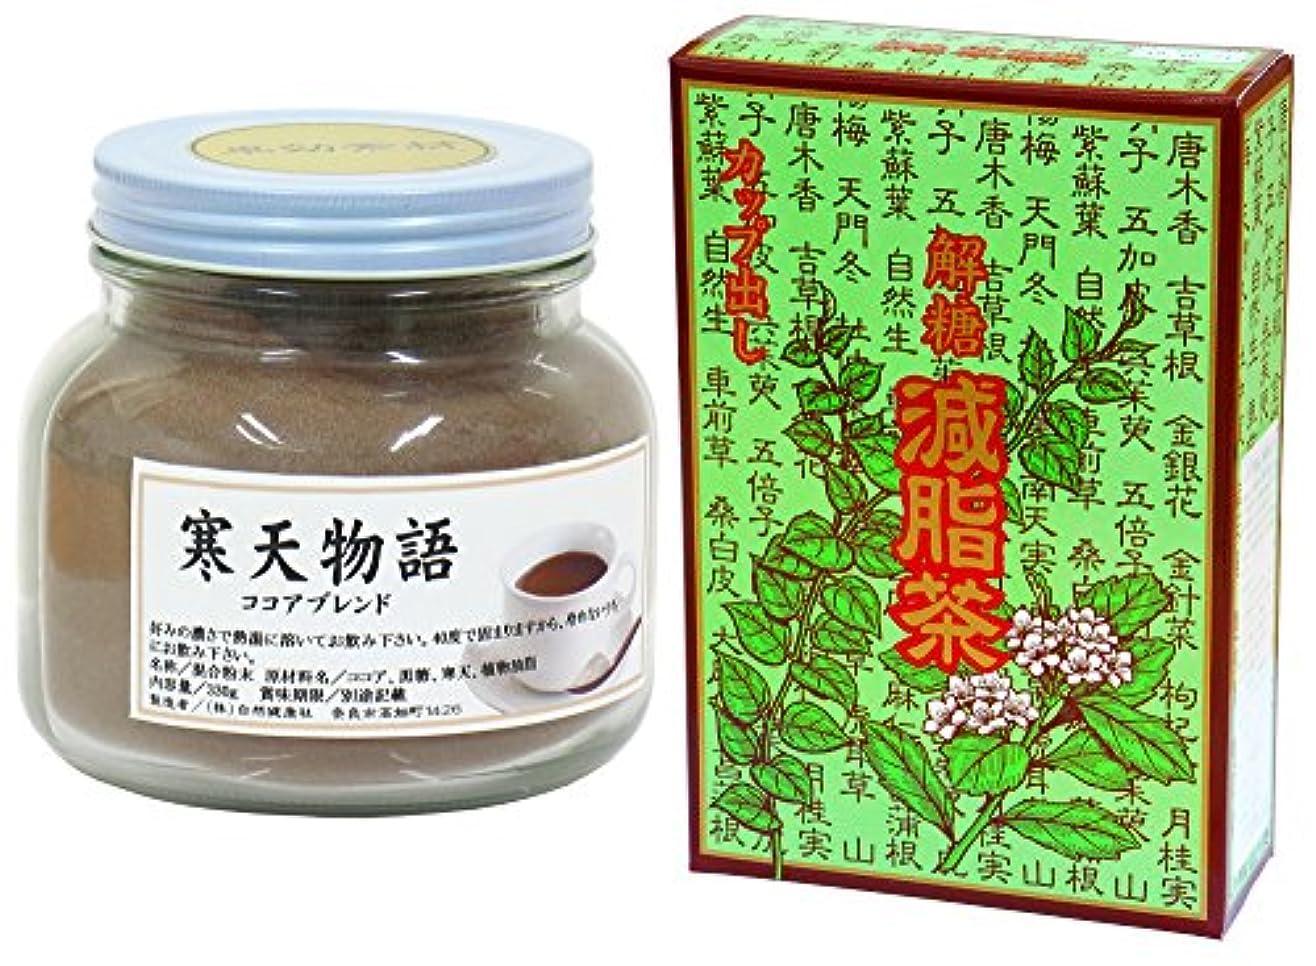 スライスウサギ石自然健康社 寒天ココア 330g + 減脂茶?箱 64パック